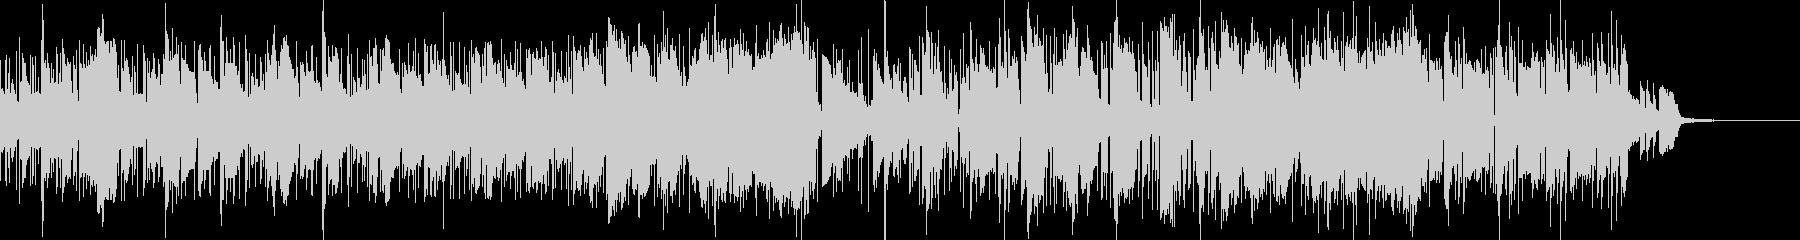 都会的なスムースジャズファンクBGMの未再生の波形